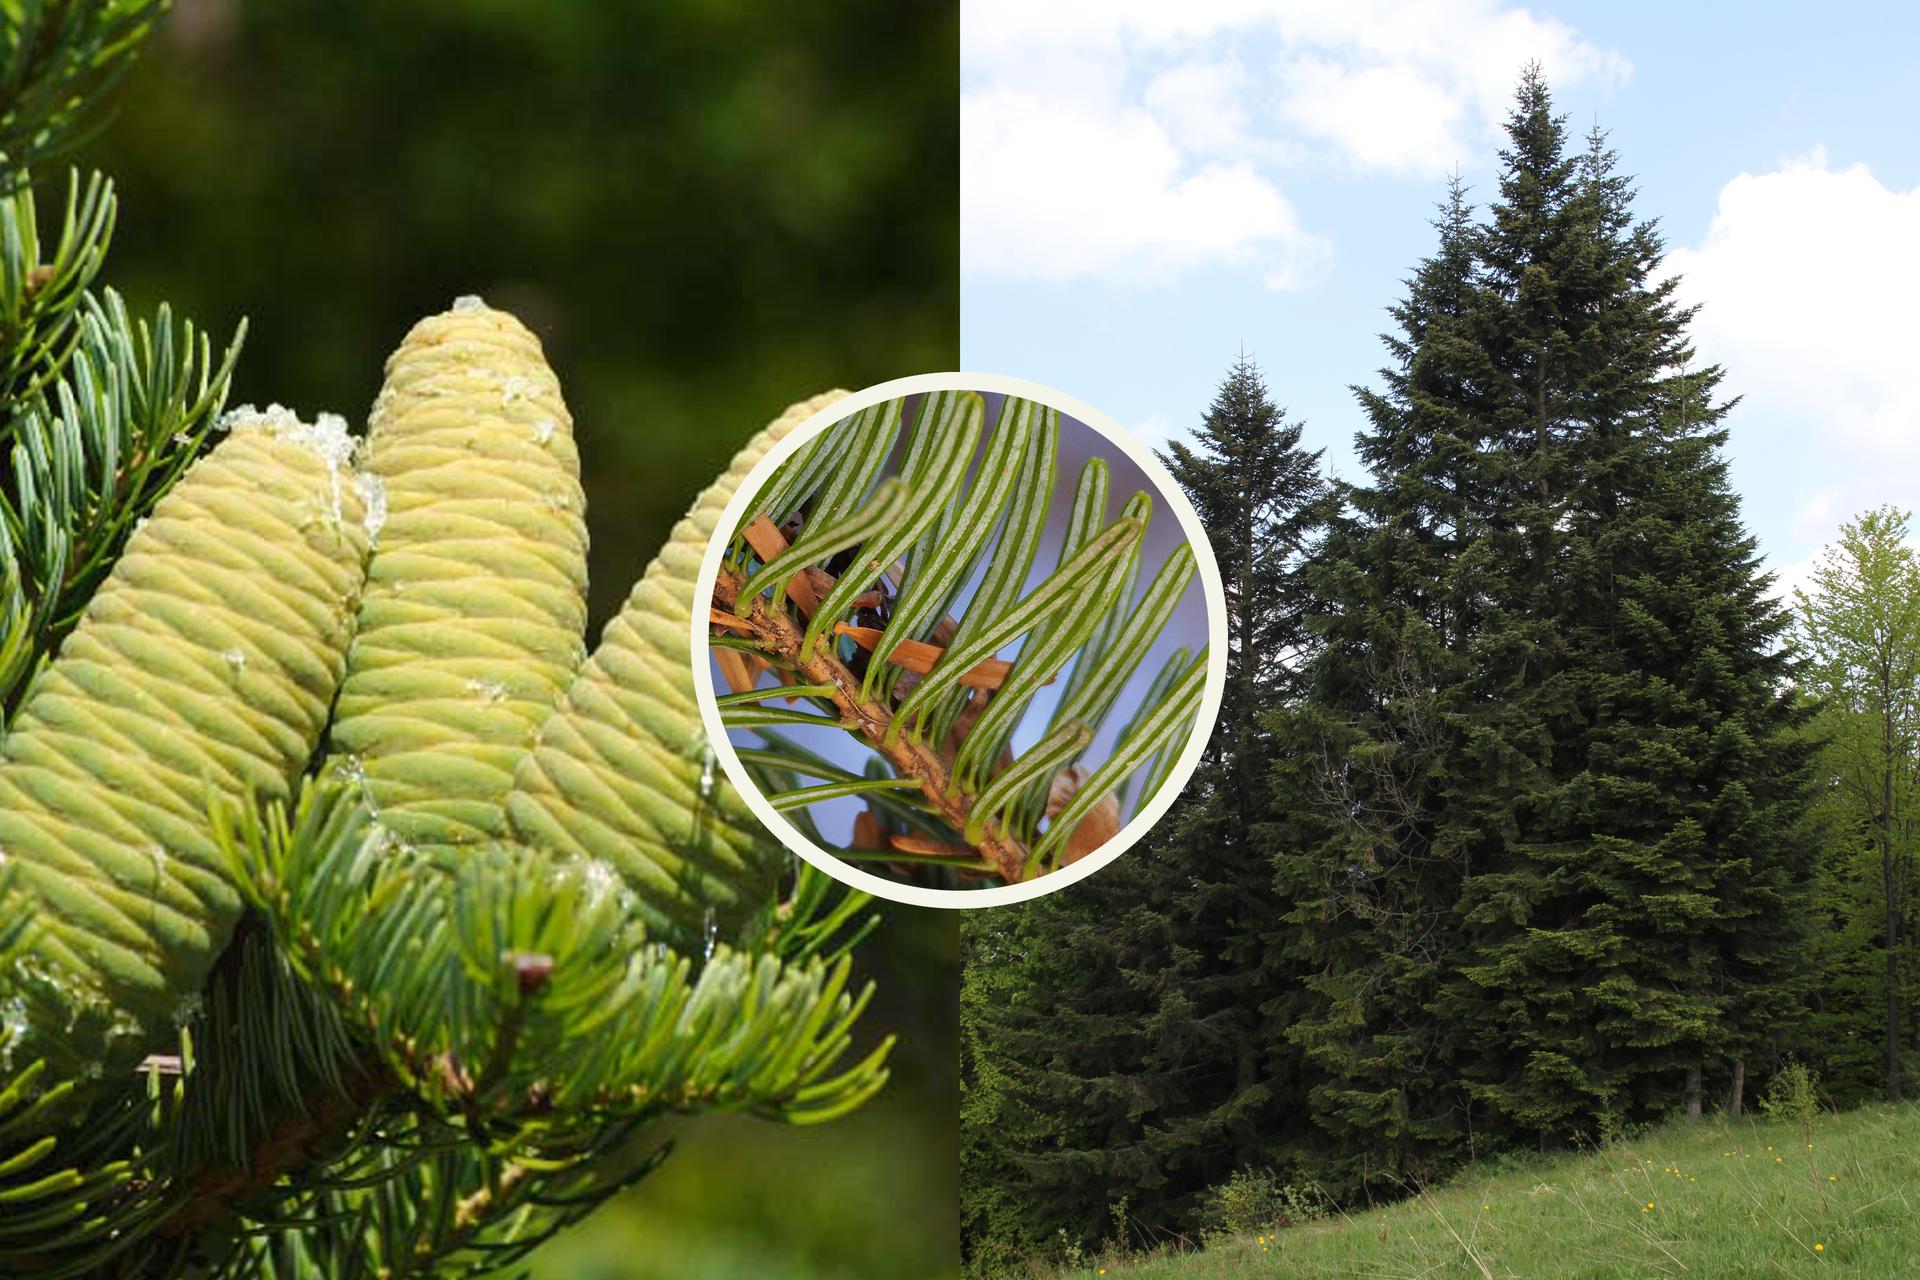 Fotografia zlewej przedstawia gałąź jodły pospolitej zpojedynczymi igłami itrzema grubymi, jasnozielonymi, stojącymi szyszkami. Po prawej fotografia przedstawia kilka jodeł na zboczu. Wtle inne drzewa. Kółko wcentrum przedstawia zbliżenie pędu świerka: brązowa gałązka izielone liście zdwoma białymi paskami wzdłuż.